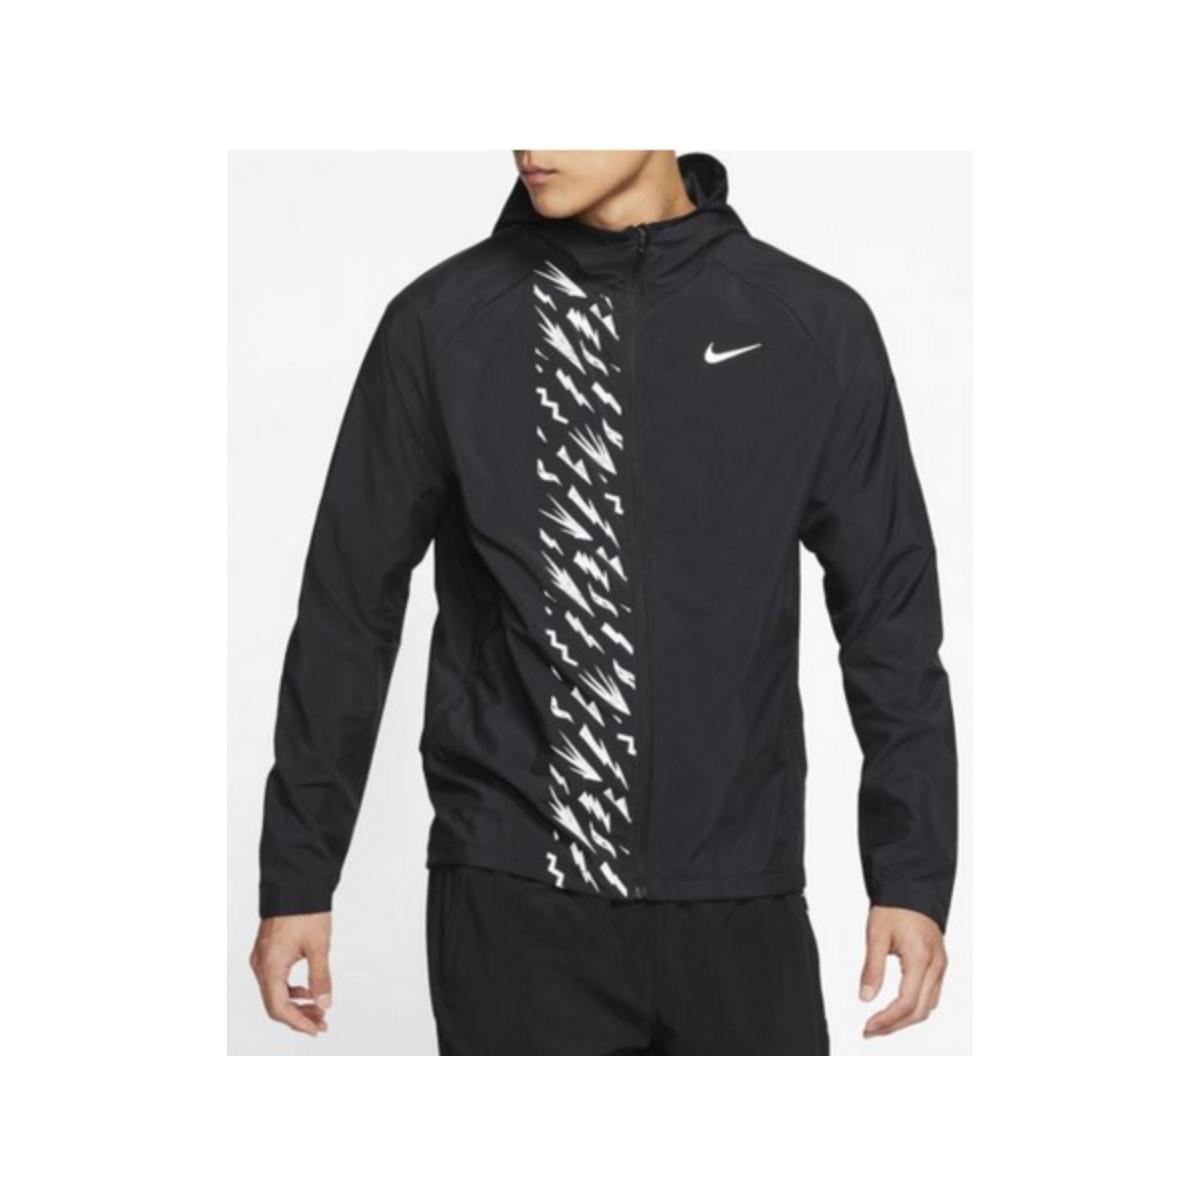 Casaco Masculino Nike Cj5364-010 Essential Preto/branco